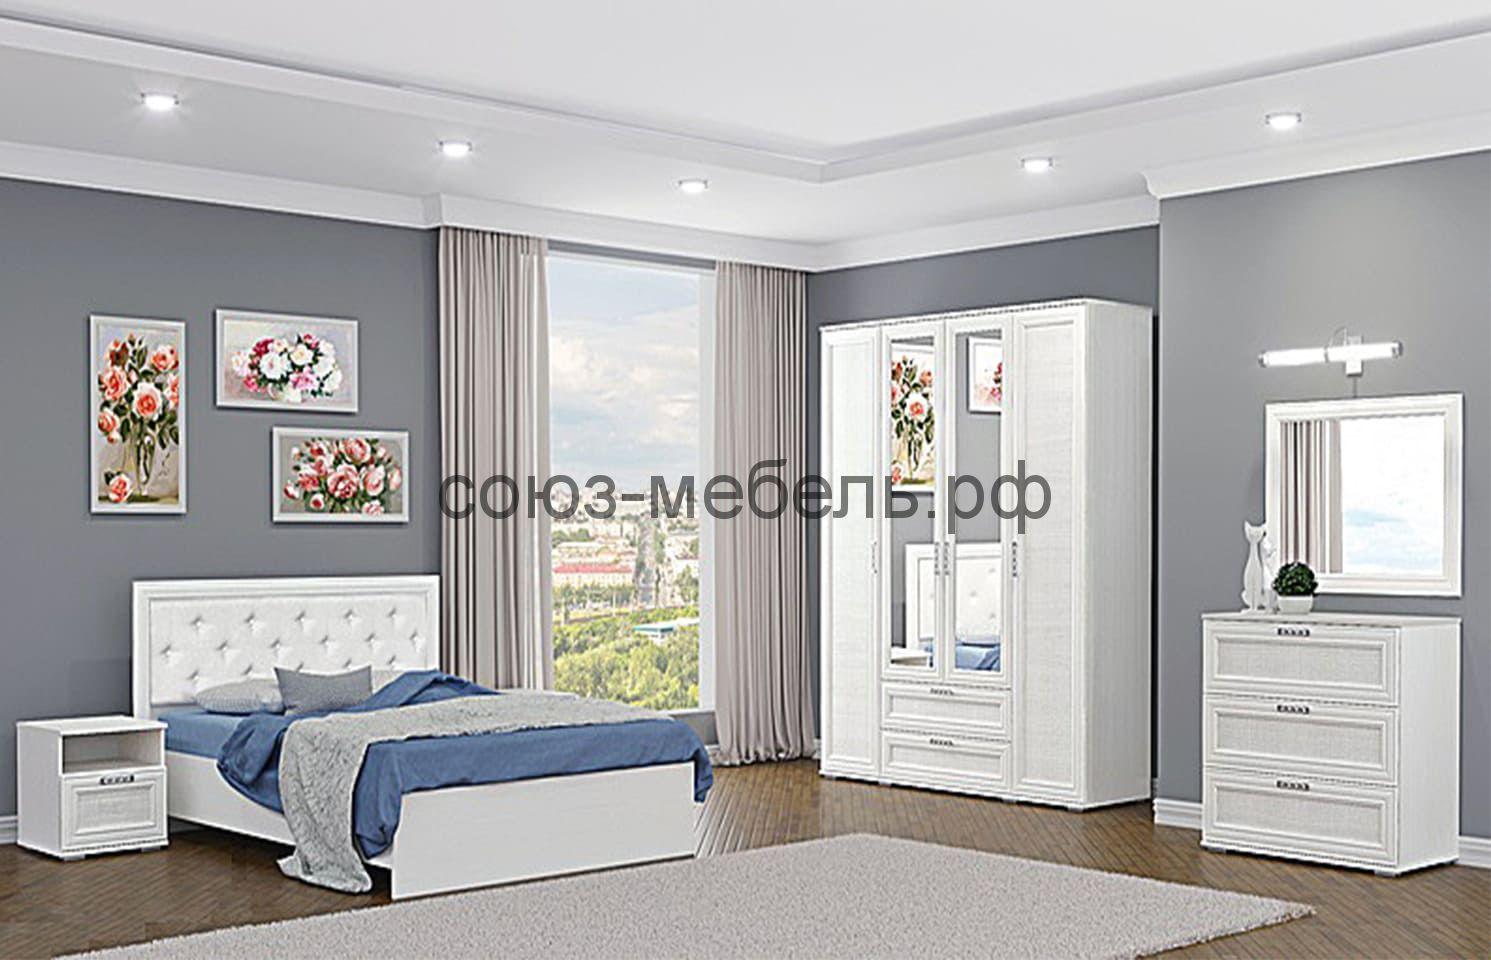 Спальня Корвет Люкс (тумба 2шт+кровать №3+шкаф 4х+комод+зеркало)